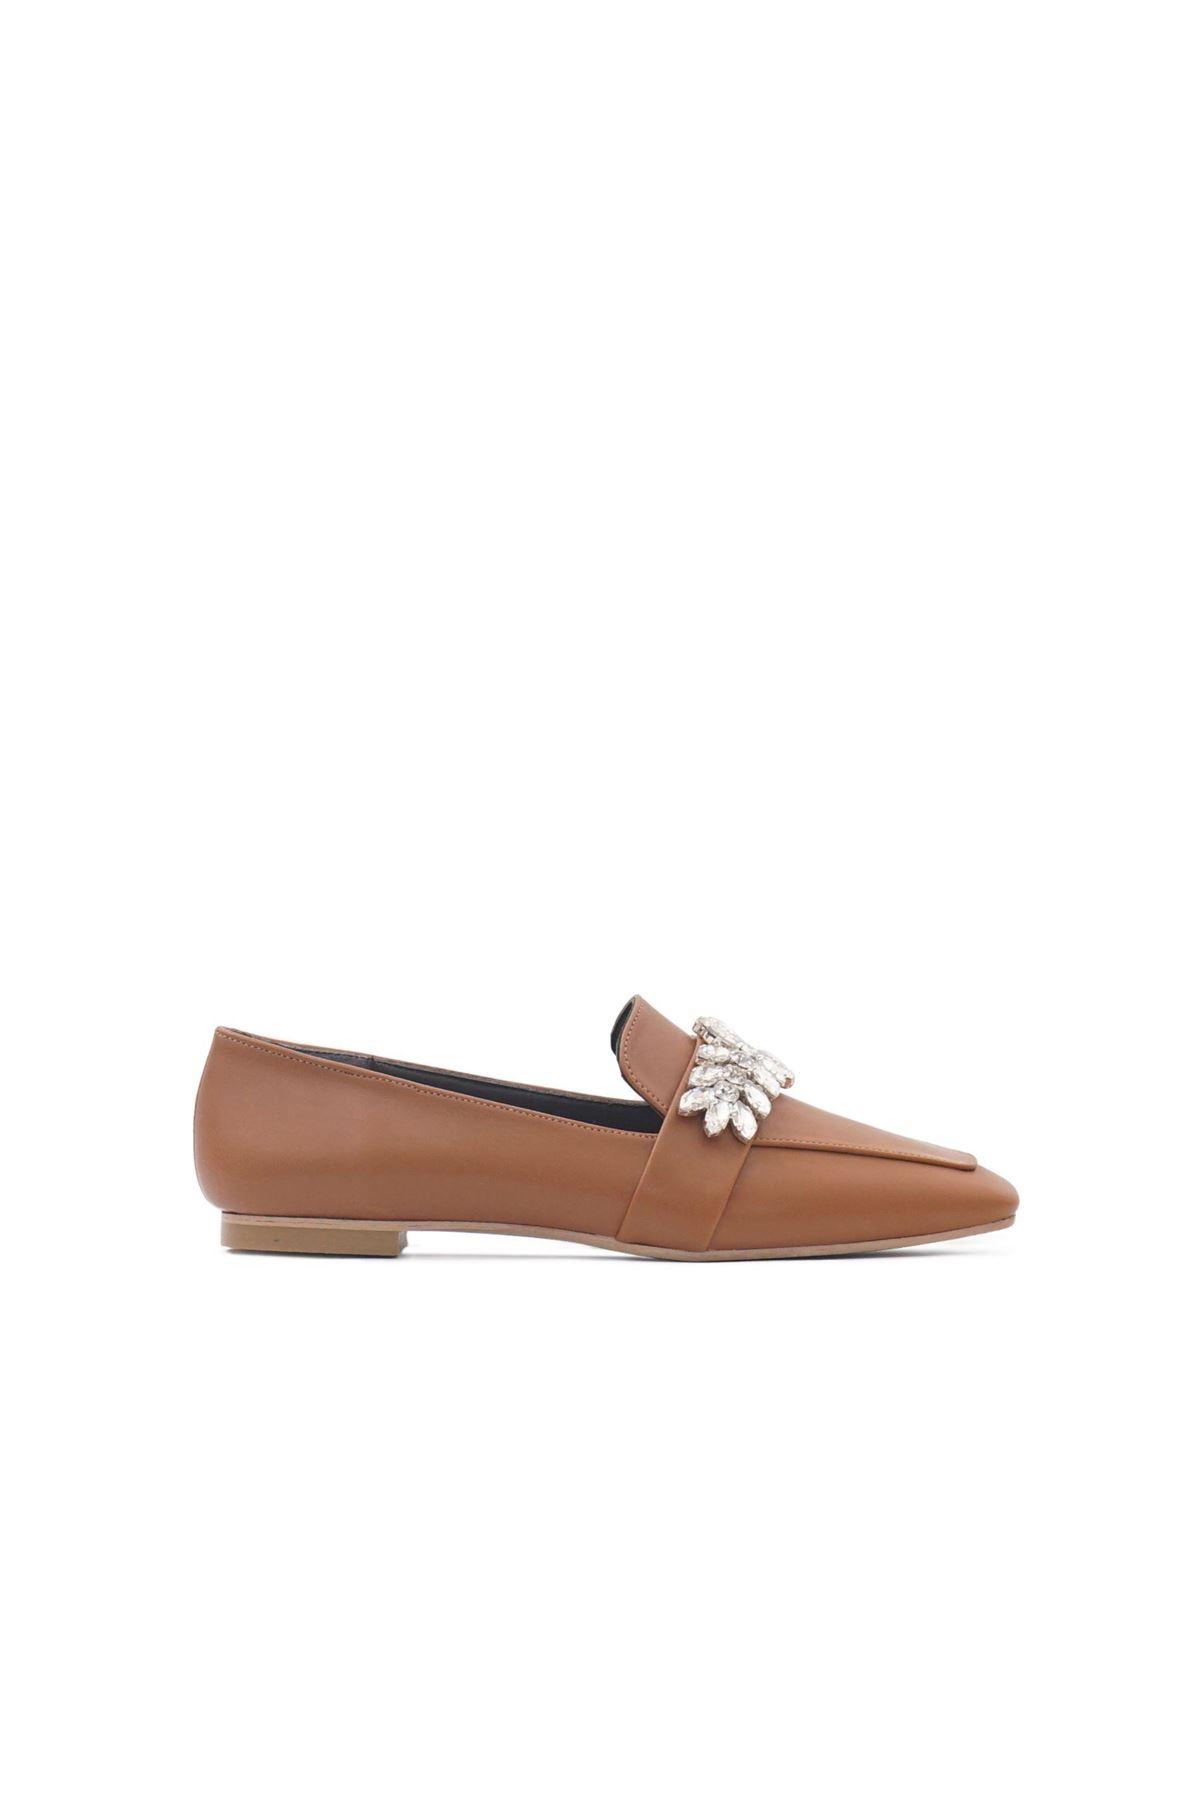 Kadın Çiçek Taşlı Loafer Ayakkabı - Taba